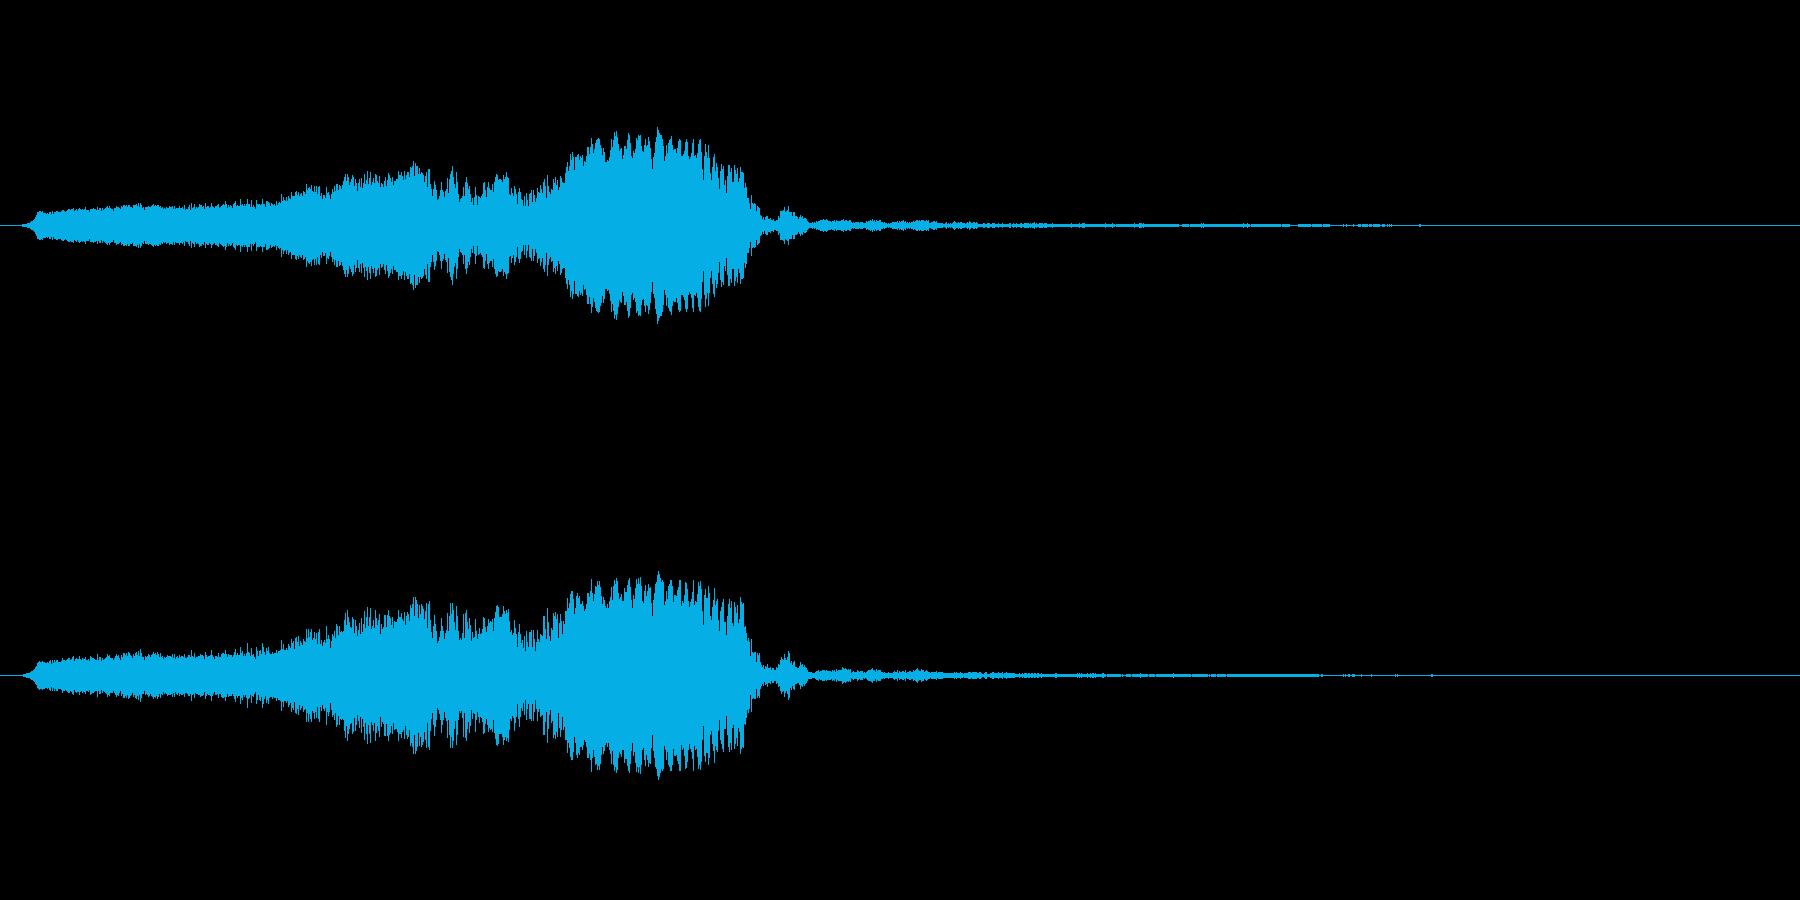 スライドホイッスル-4の再生済みの波形